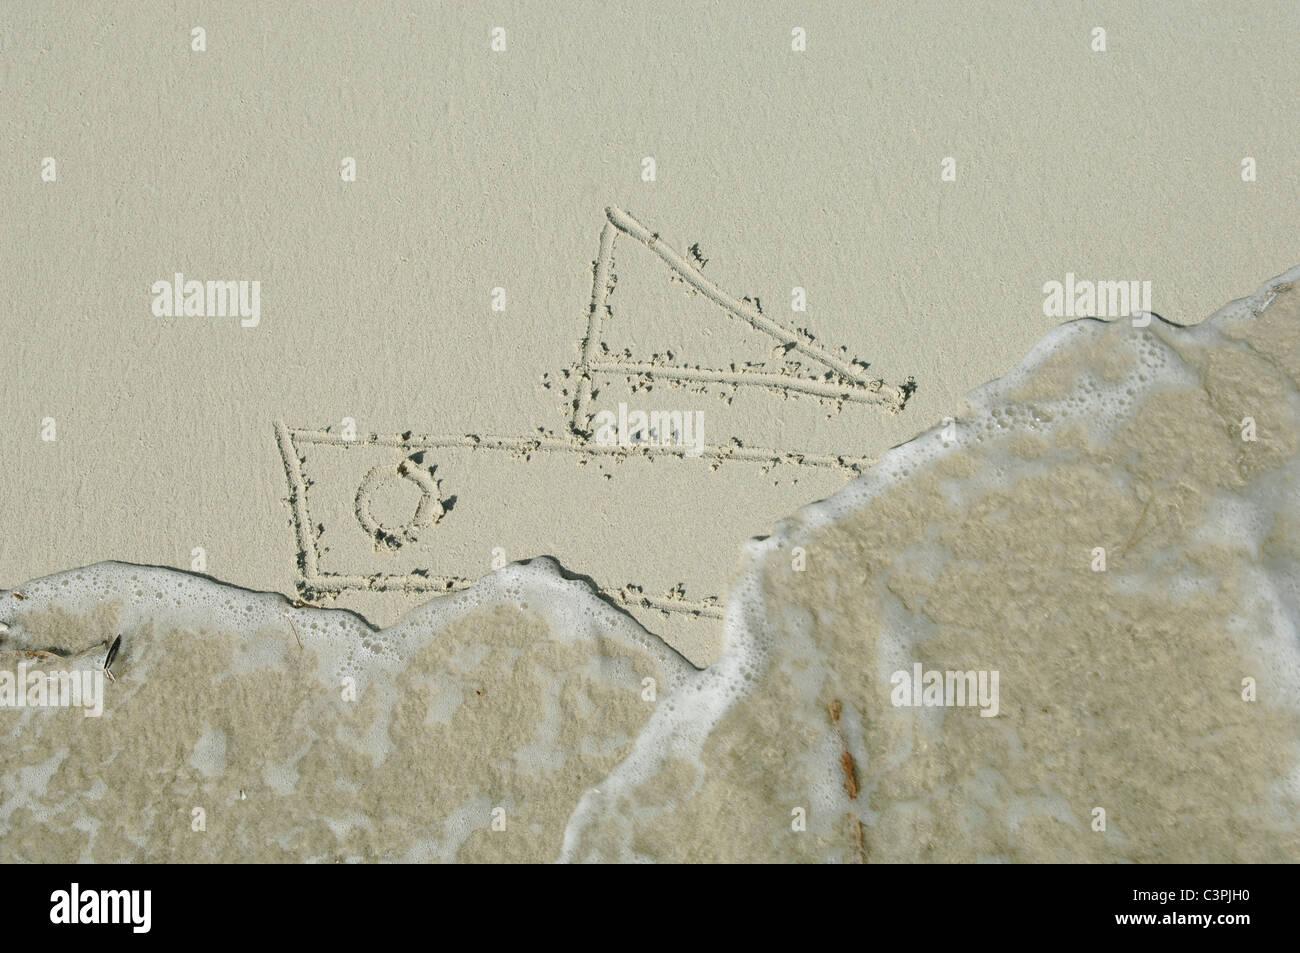 Navire dessiné dans le sable sur la plage par la mer. Photo Stock